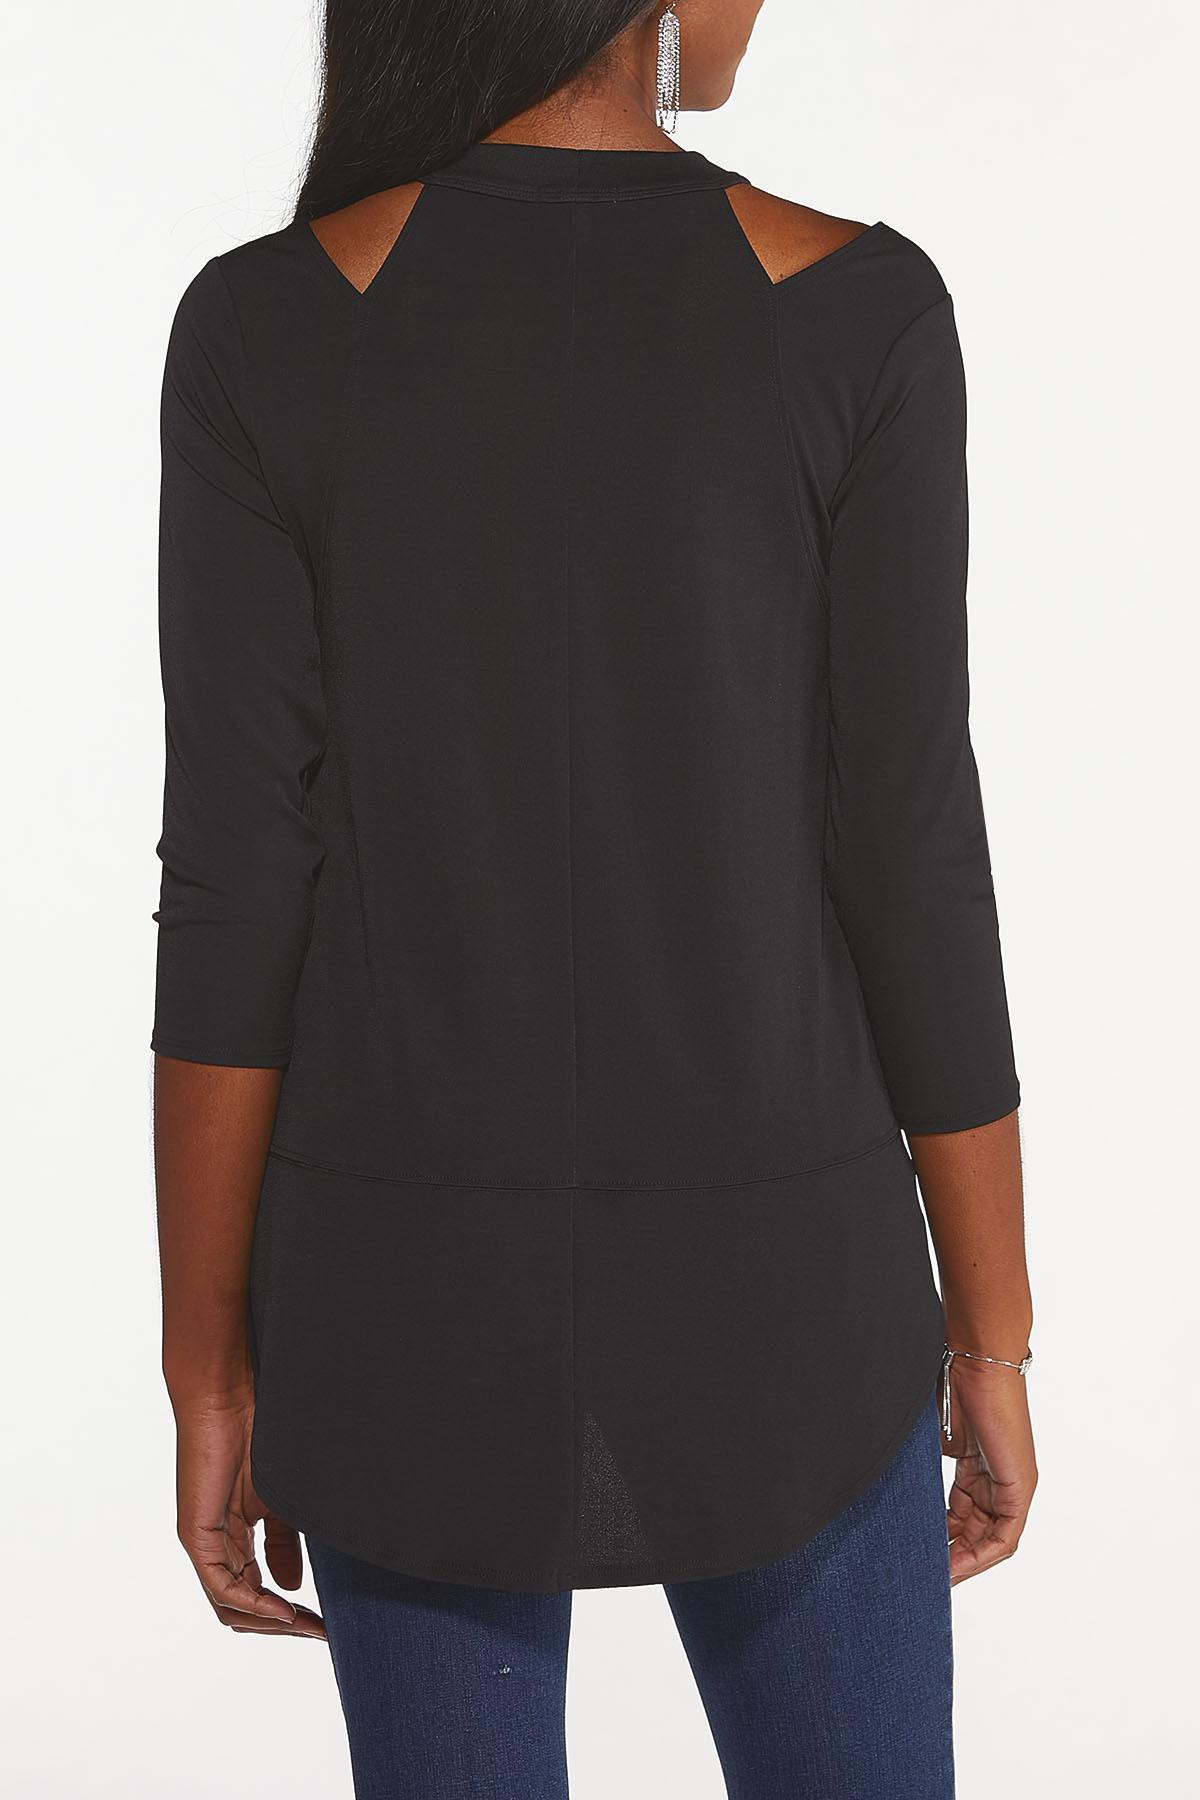 Plus Size Cutout Mock Neck Top (Item #44686781)